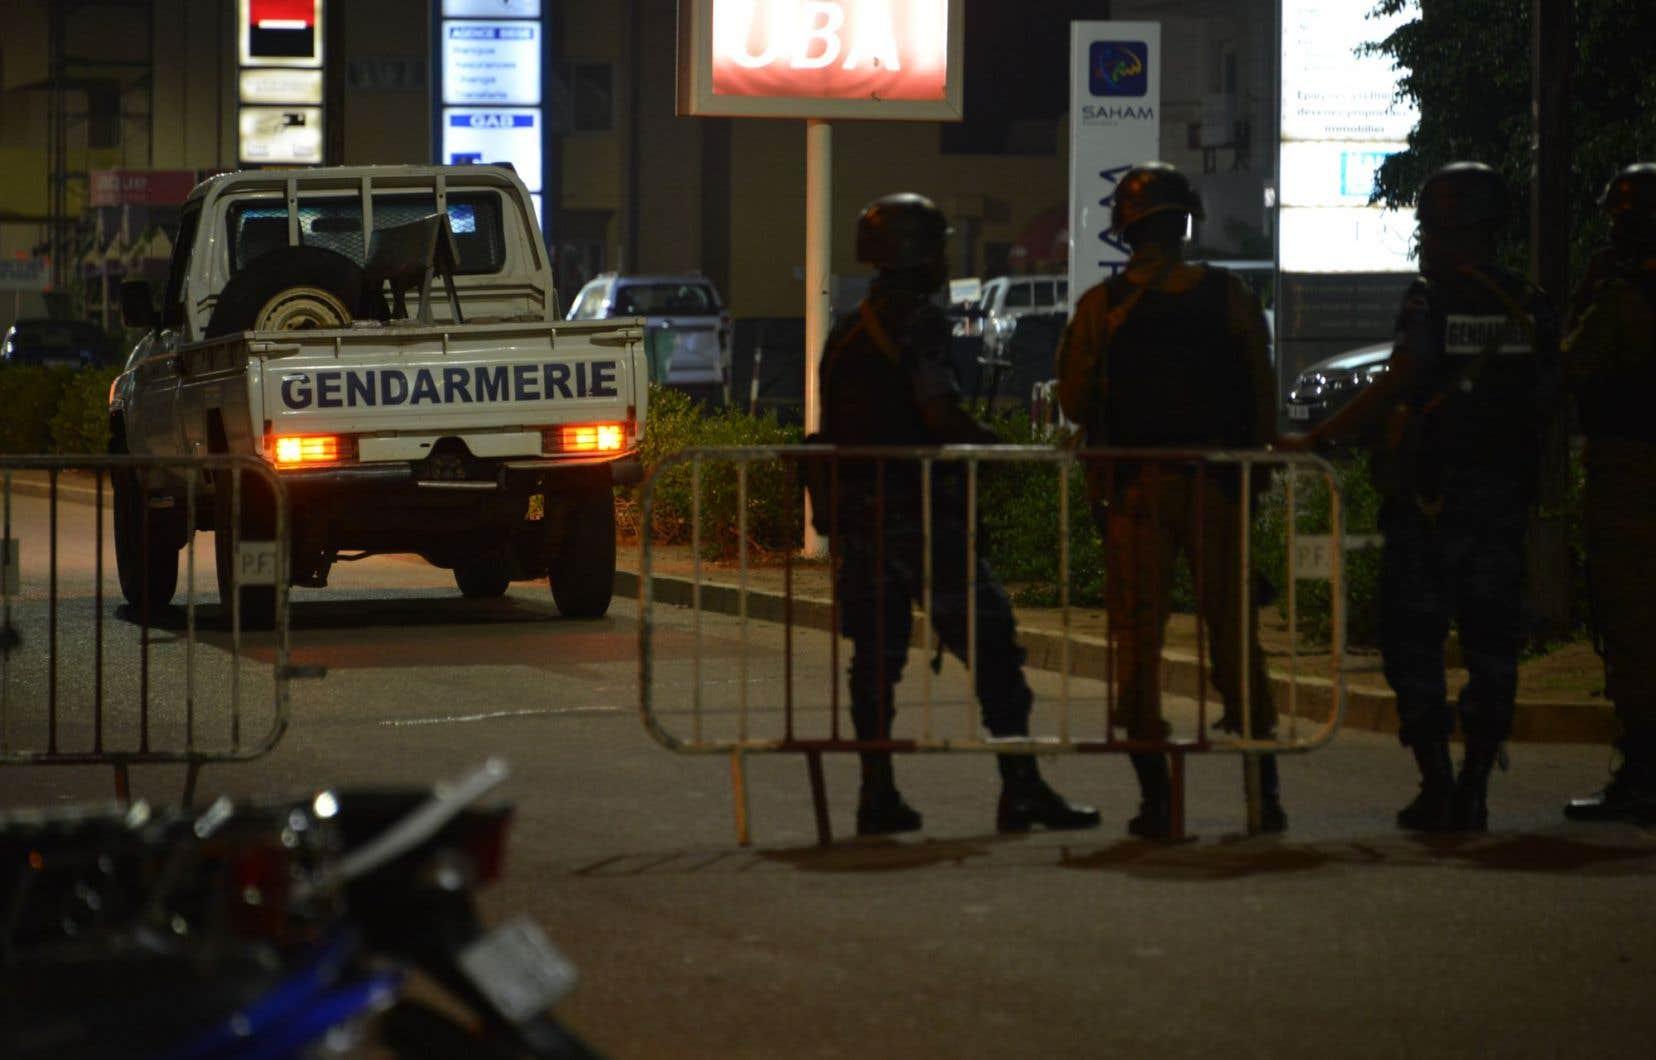 Des gendarmes patrouillent les rues de Ouagadougou après l'attaque de présumés djihadistes dans un café, dimanche soir.